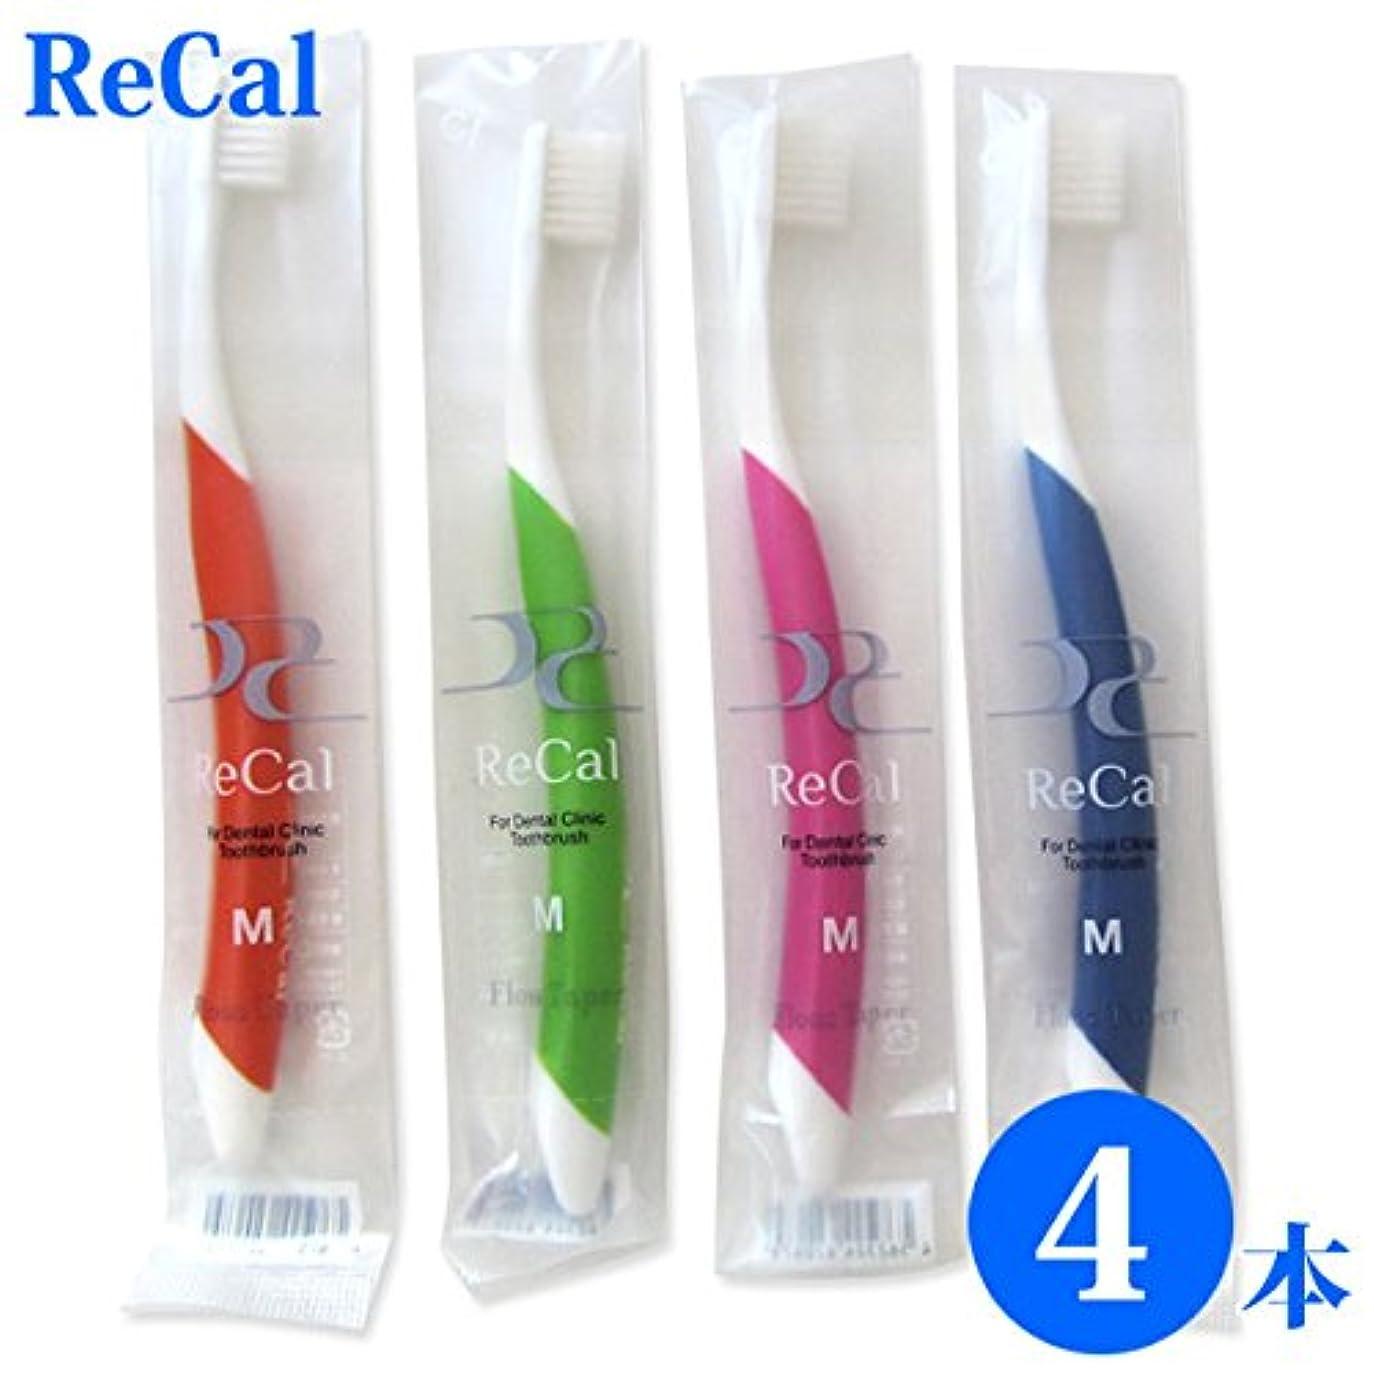 チチカカ湖輸血についてリカル 4色セット 歯科医院専用商品 ReCal リカル M 大人用 一般 歯ブラシ4本 場合20本ま